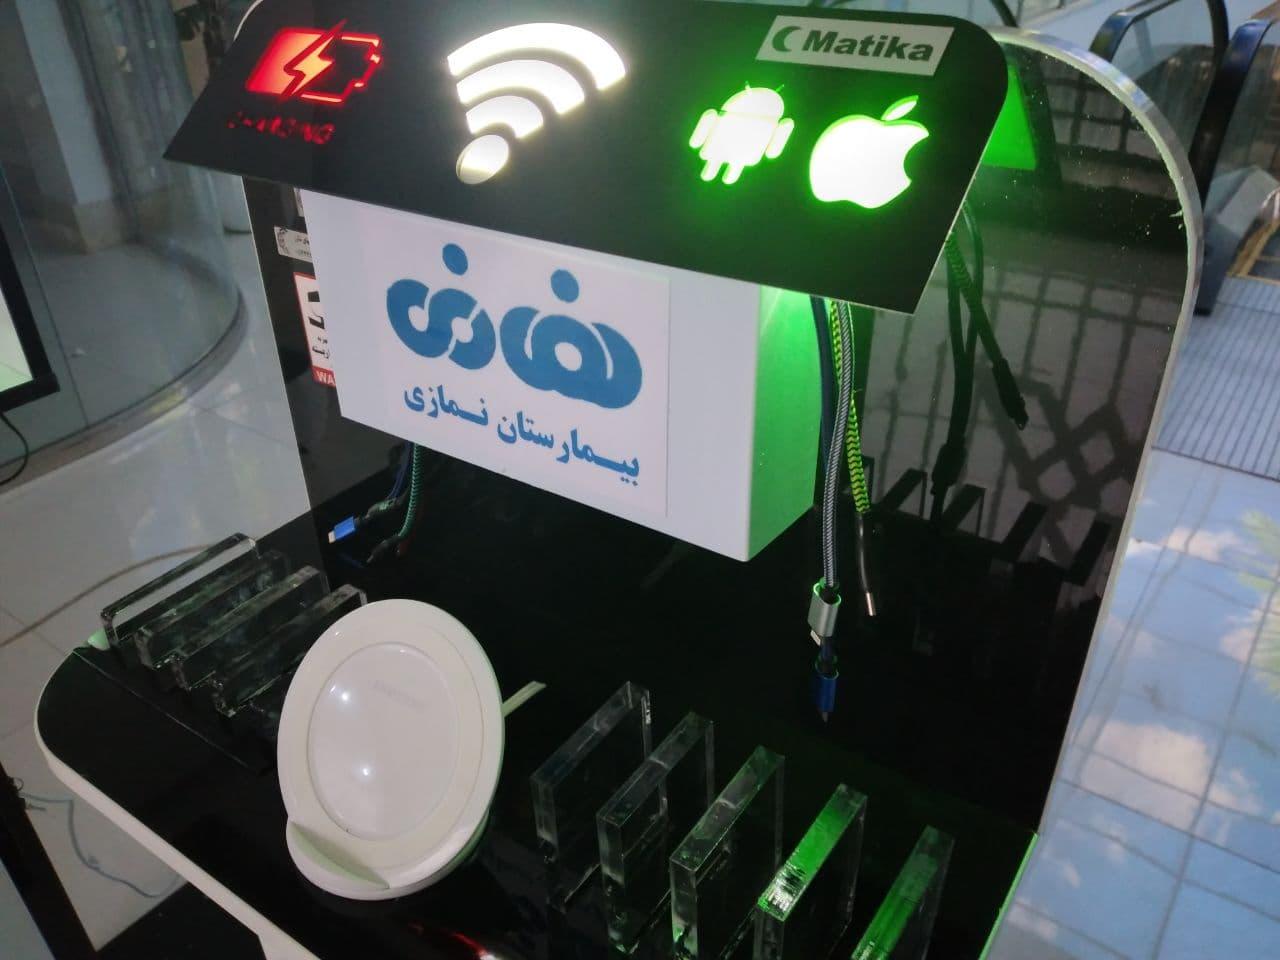 صندوق نذورات - صندوق انتقادات و پیشنهادات-- ایستگاه شارژر موبایل - استند شارژ